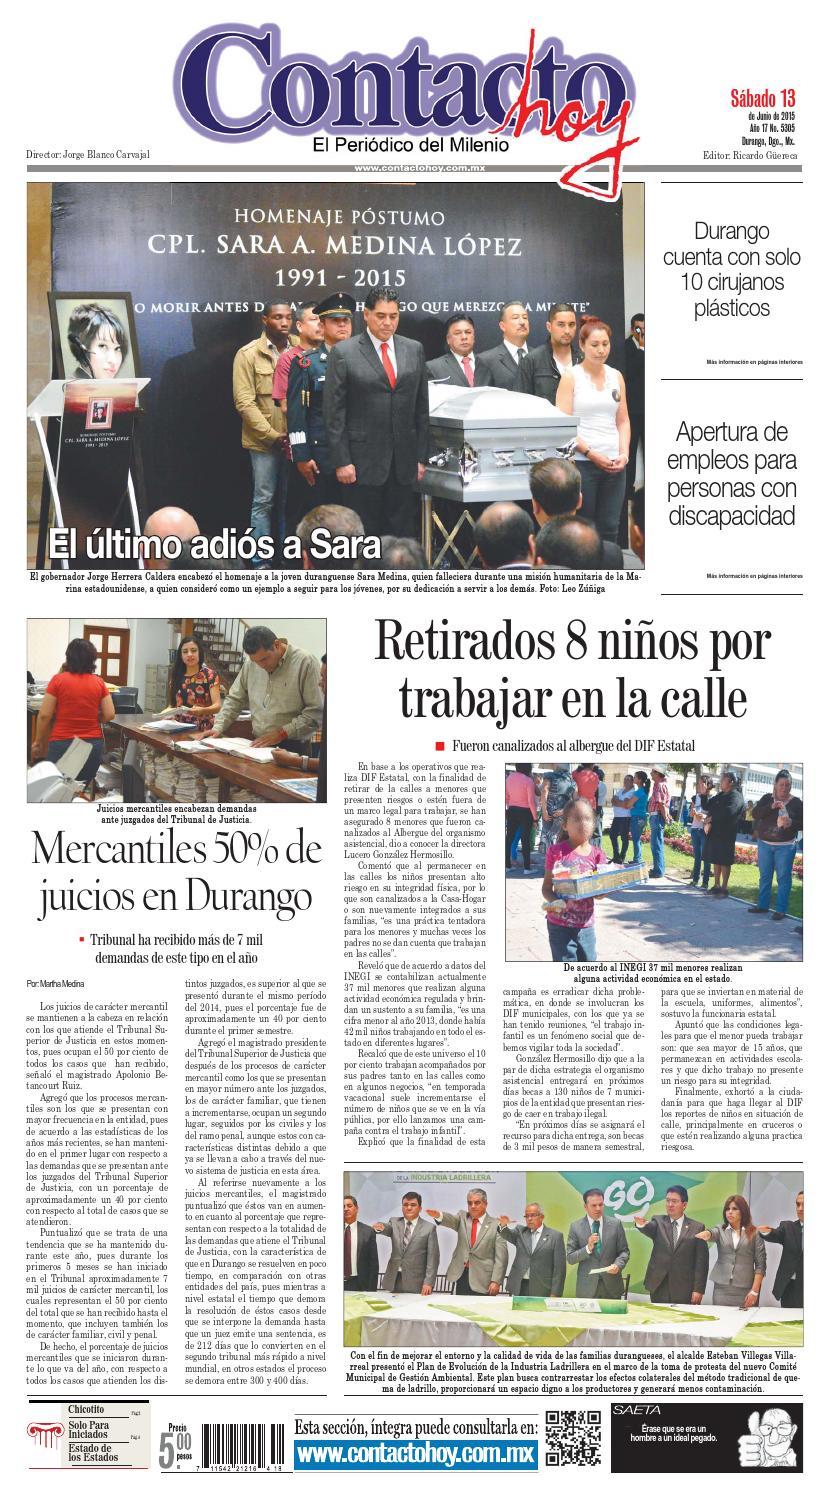 Contacto hoy del 13 de junio del 2015 by Contacto hoy - issuu